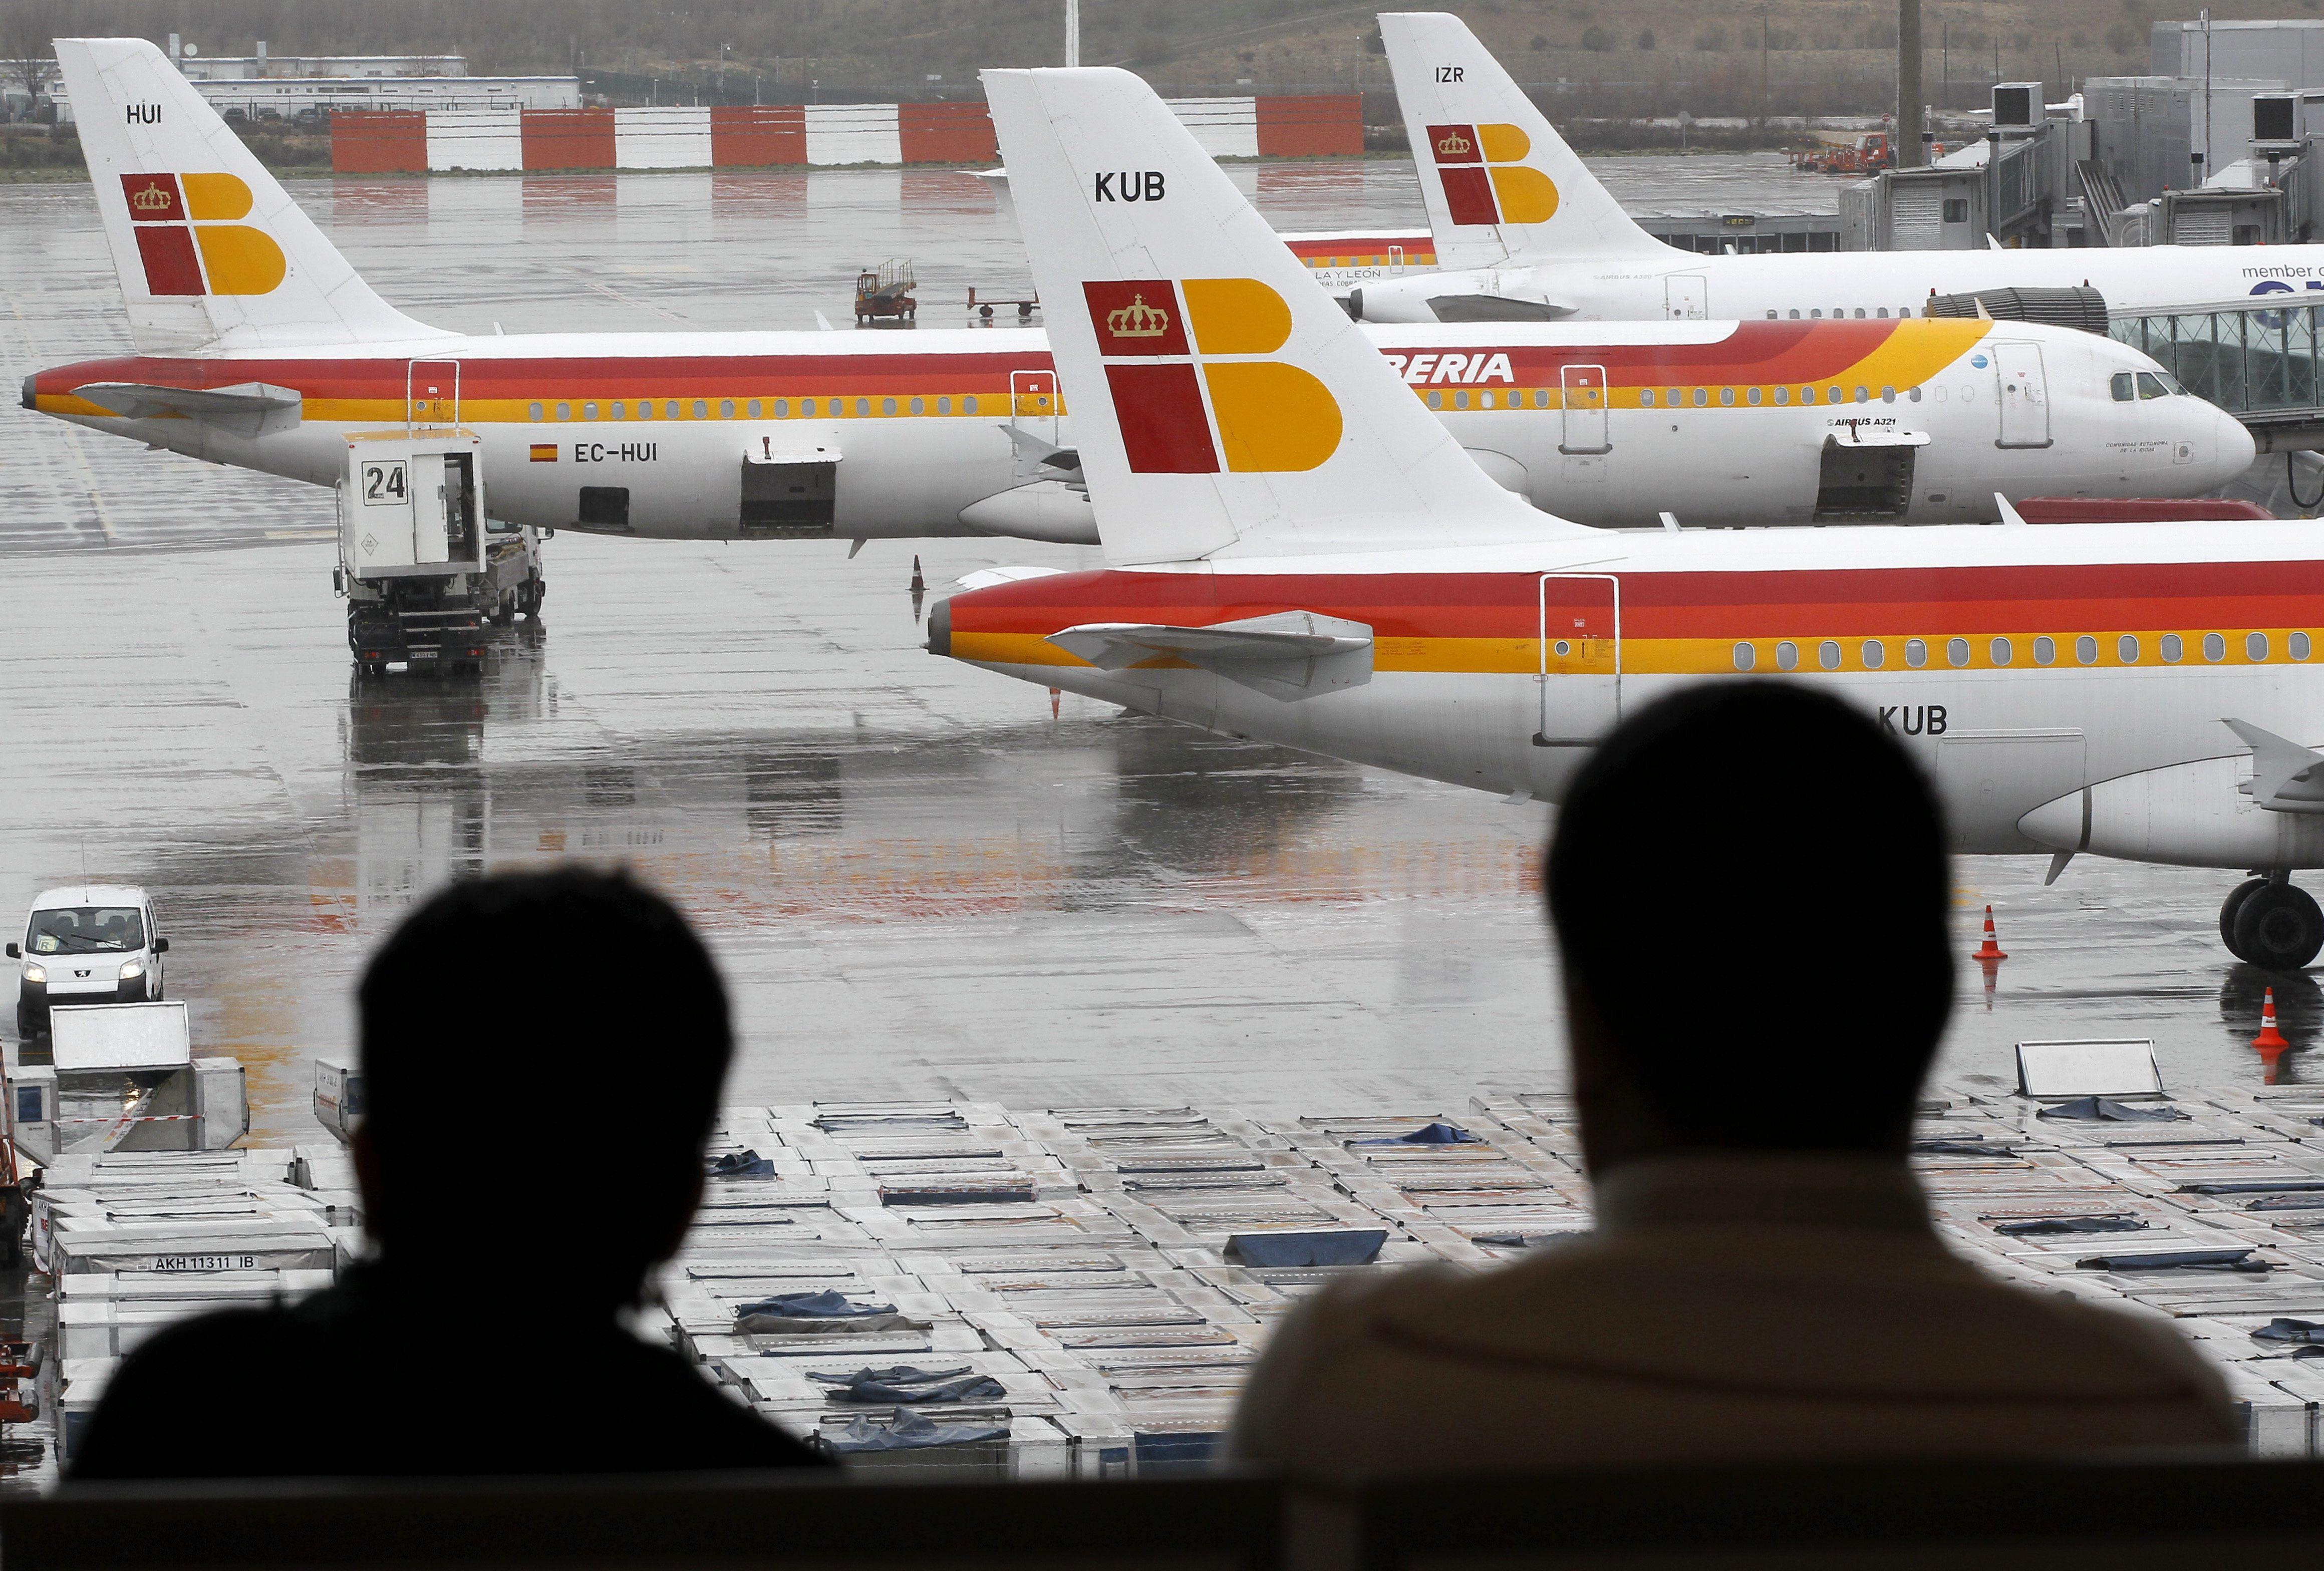 Sepla dice que la nueva normativa europa de tiempos de vuelo compromete la seguridad